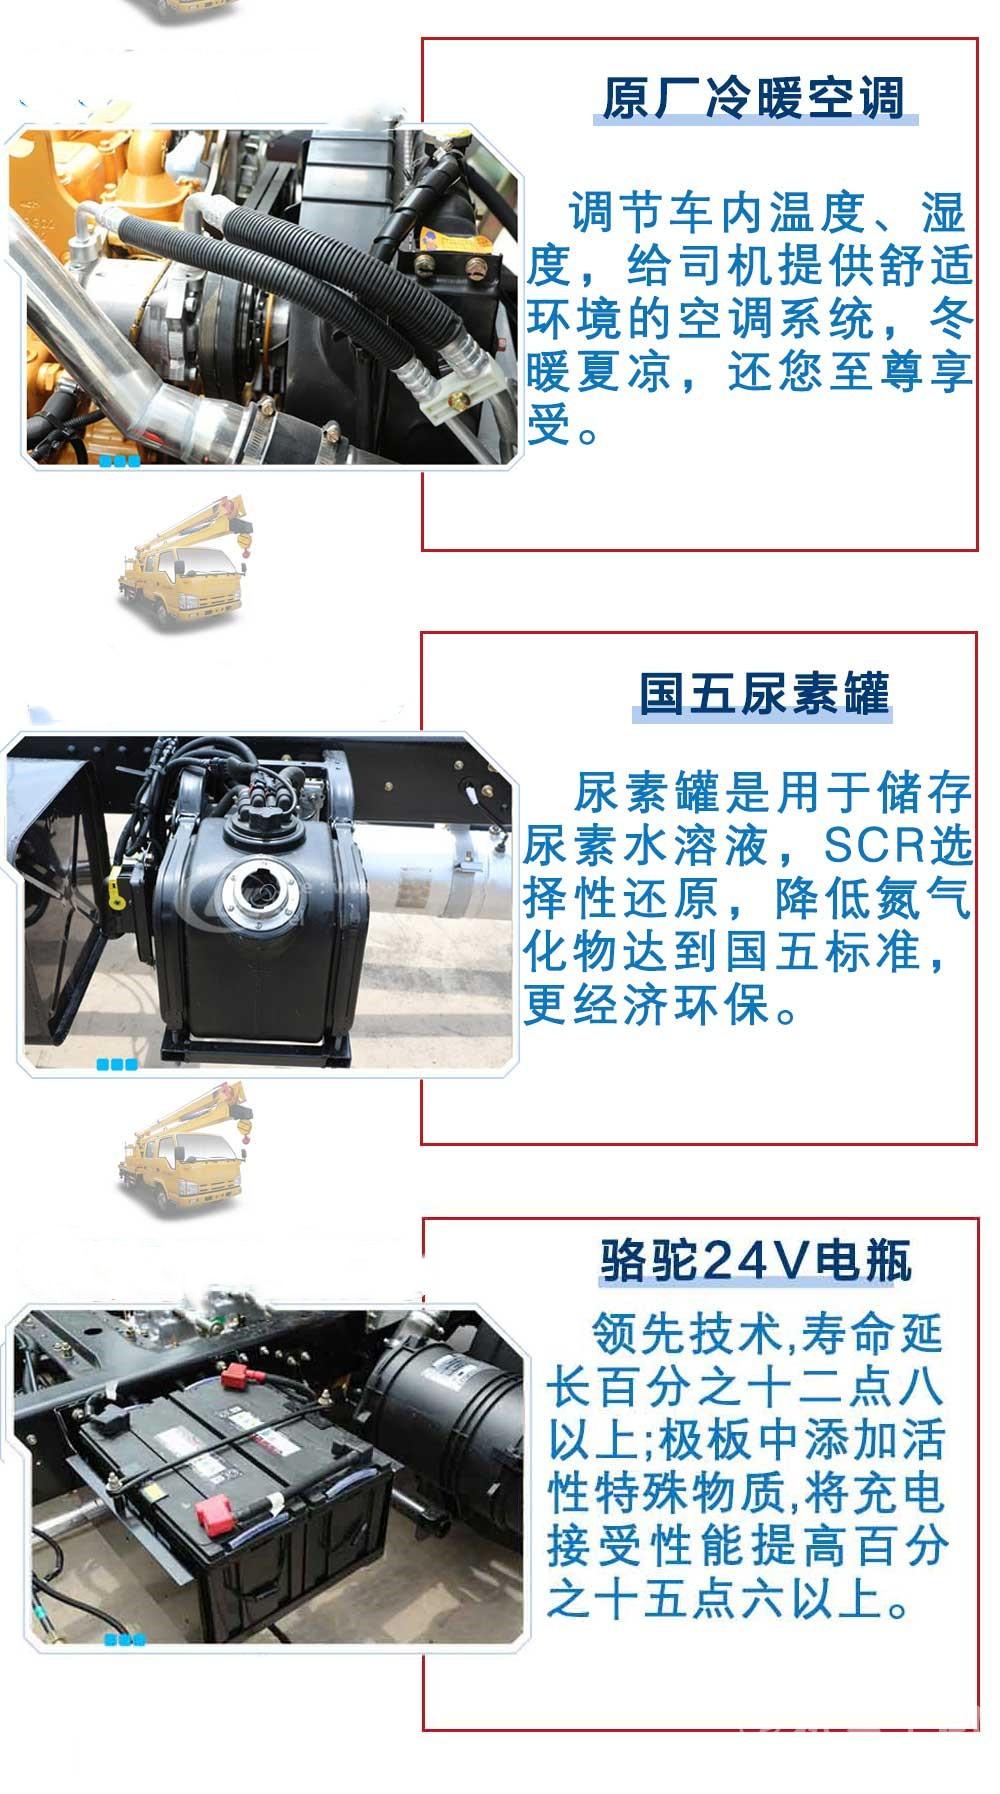 东风多利卡18米曲臂式高空作业车图片3